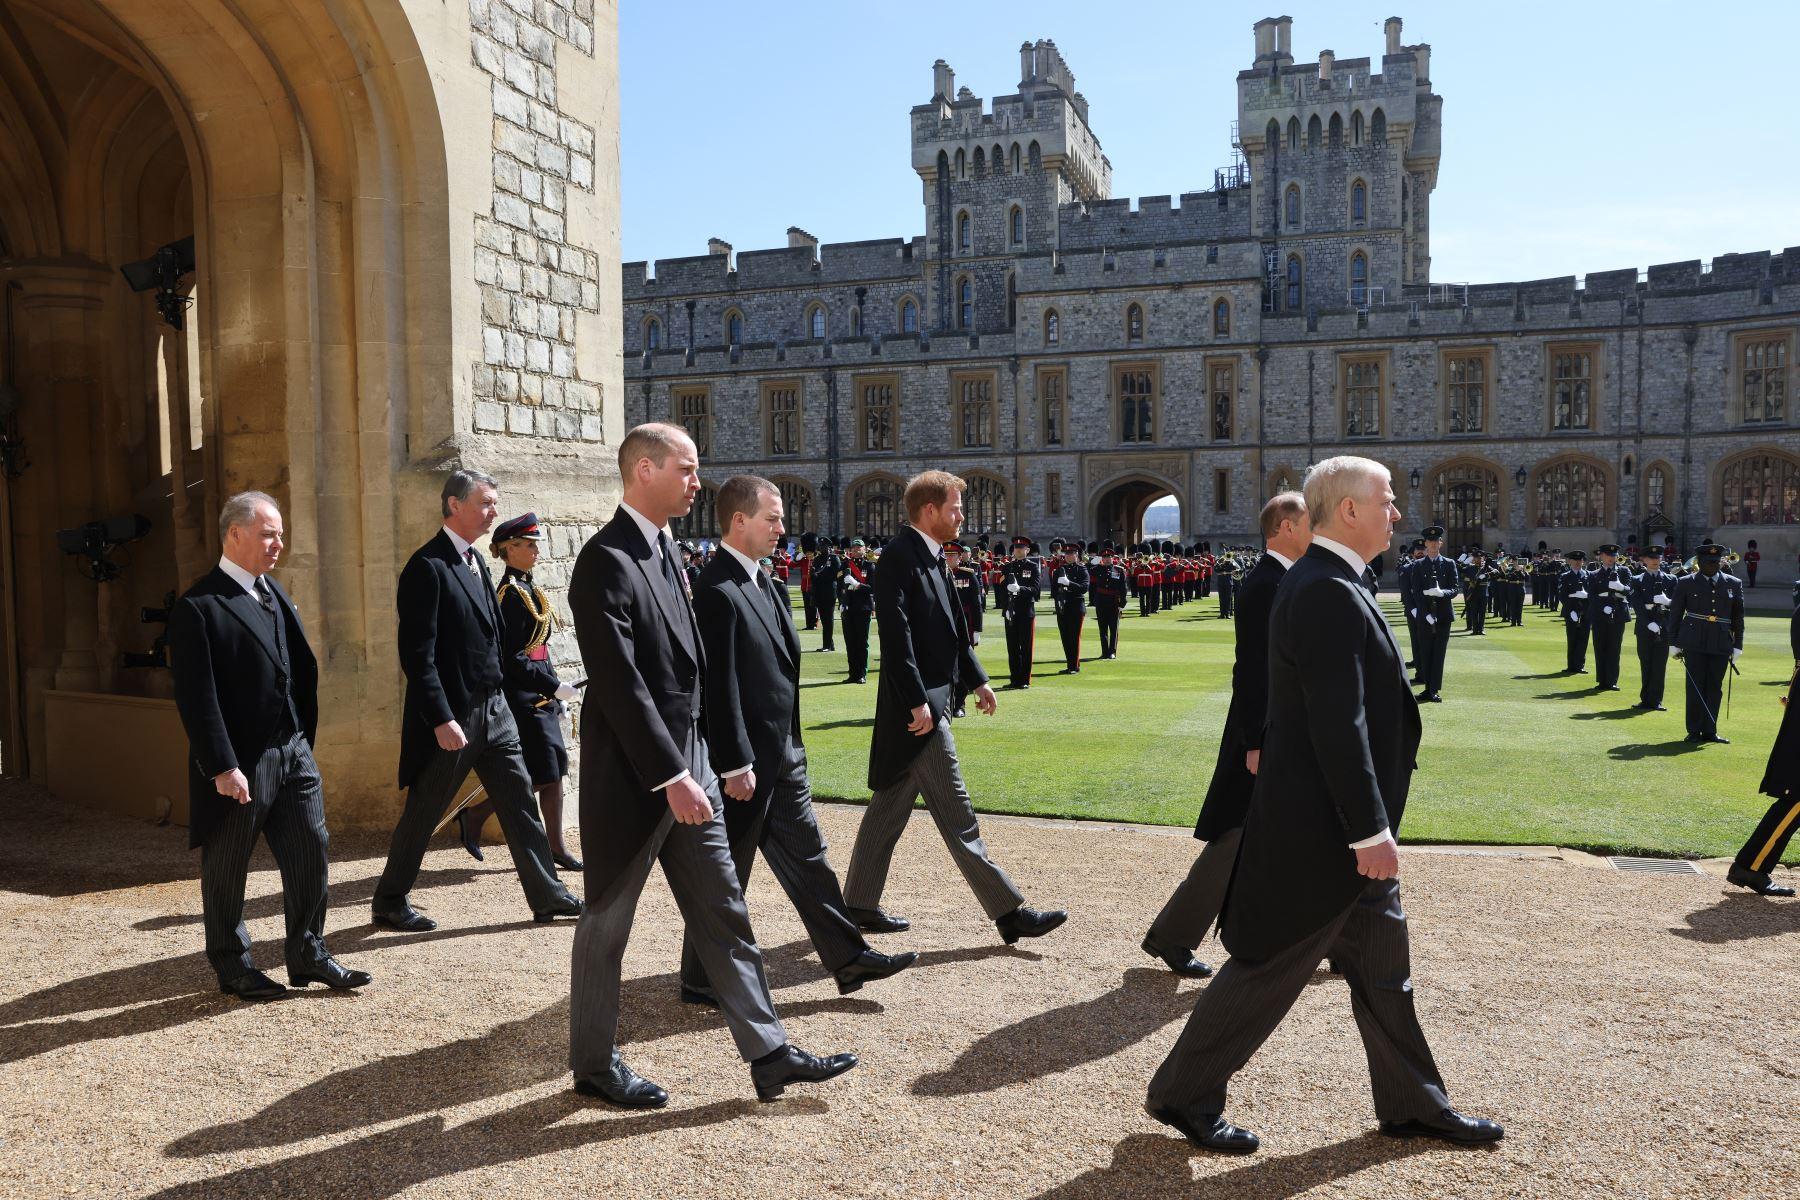 El príncipe Andrés de Gran Bretaña, el duque de York (desde la derecha), el príncipe Eduardo de Gran Bretaña, el conde de Wessex, el príncipe Guillermo de Gran Bretaña, el duque de Cambridge, Peter Phillips, el príncipe Harry de Gran Bretaña, el duque de Sussex, el conde de Snowdon de Gran Bretaña y el vicealmirante Timothy Laurence marchan detrás el ataúd durante la ceremonia fúnebre del príncipe Felipe de Gran Bretaña. Foto: AFP